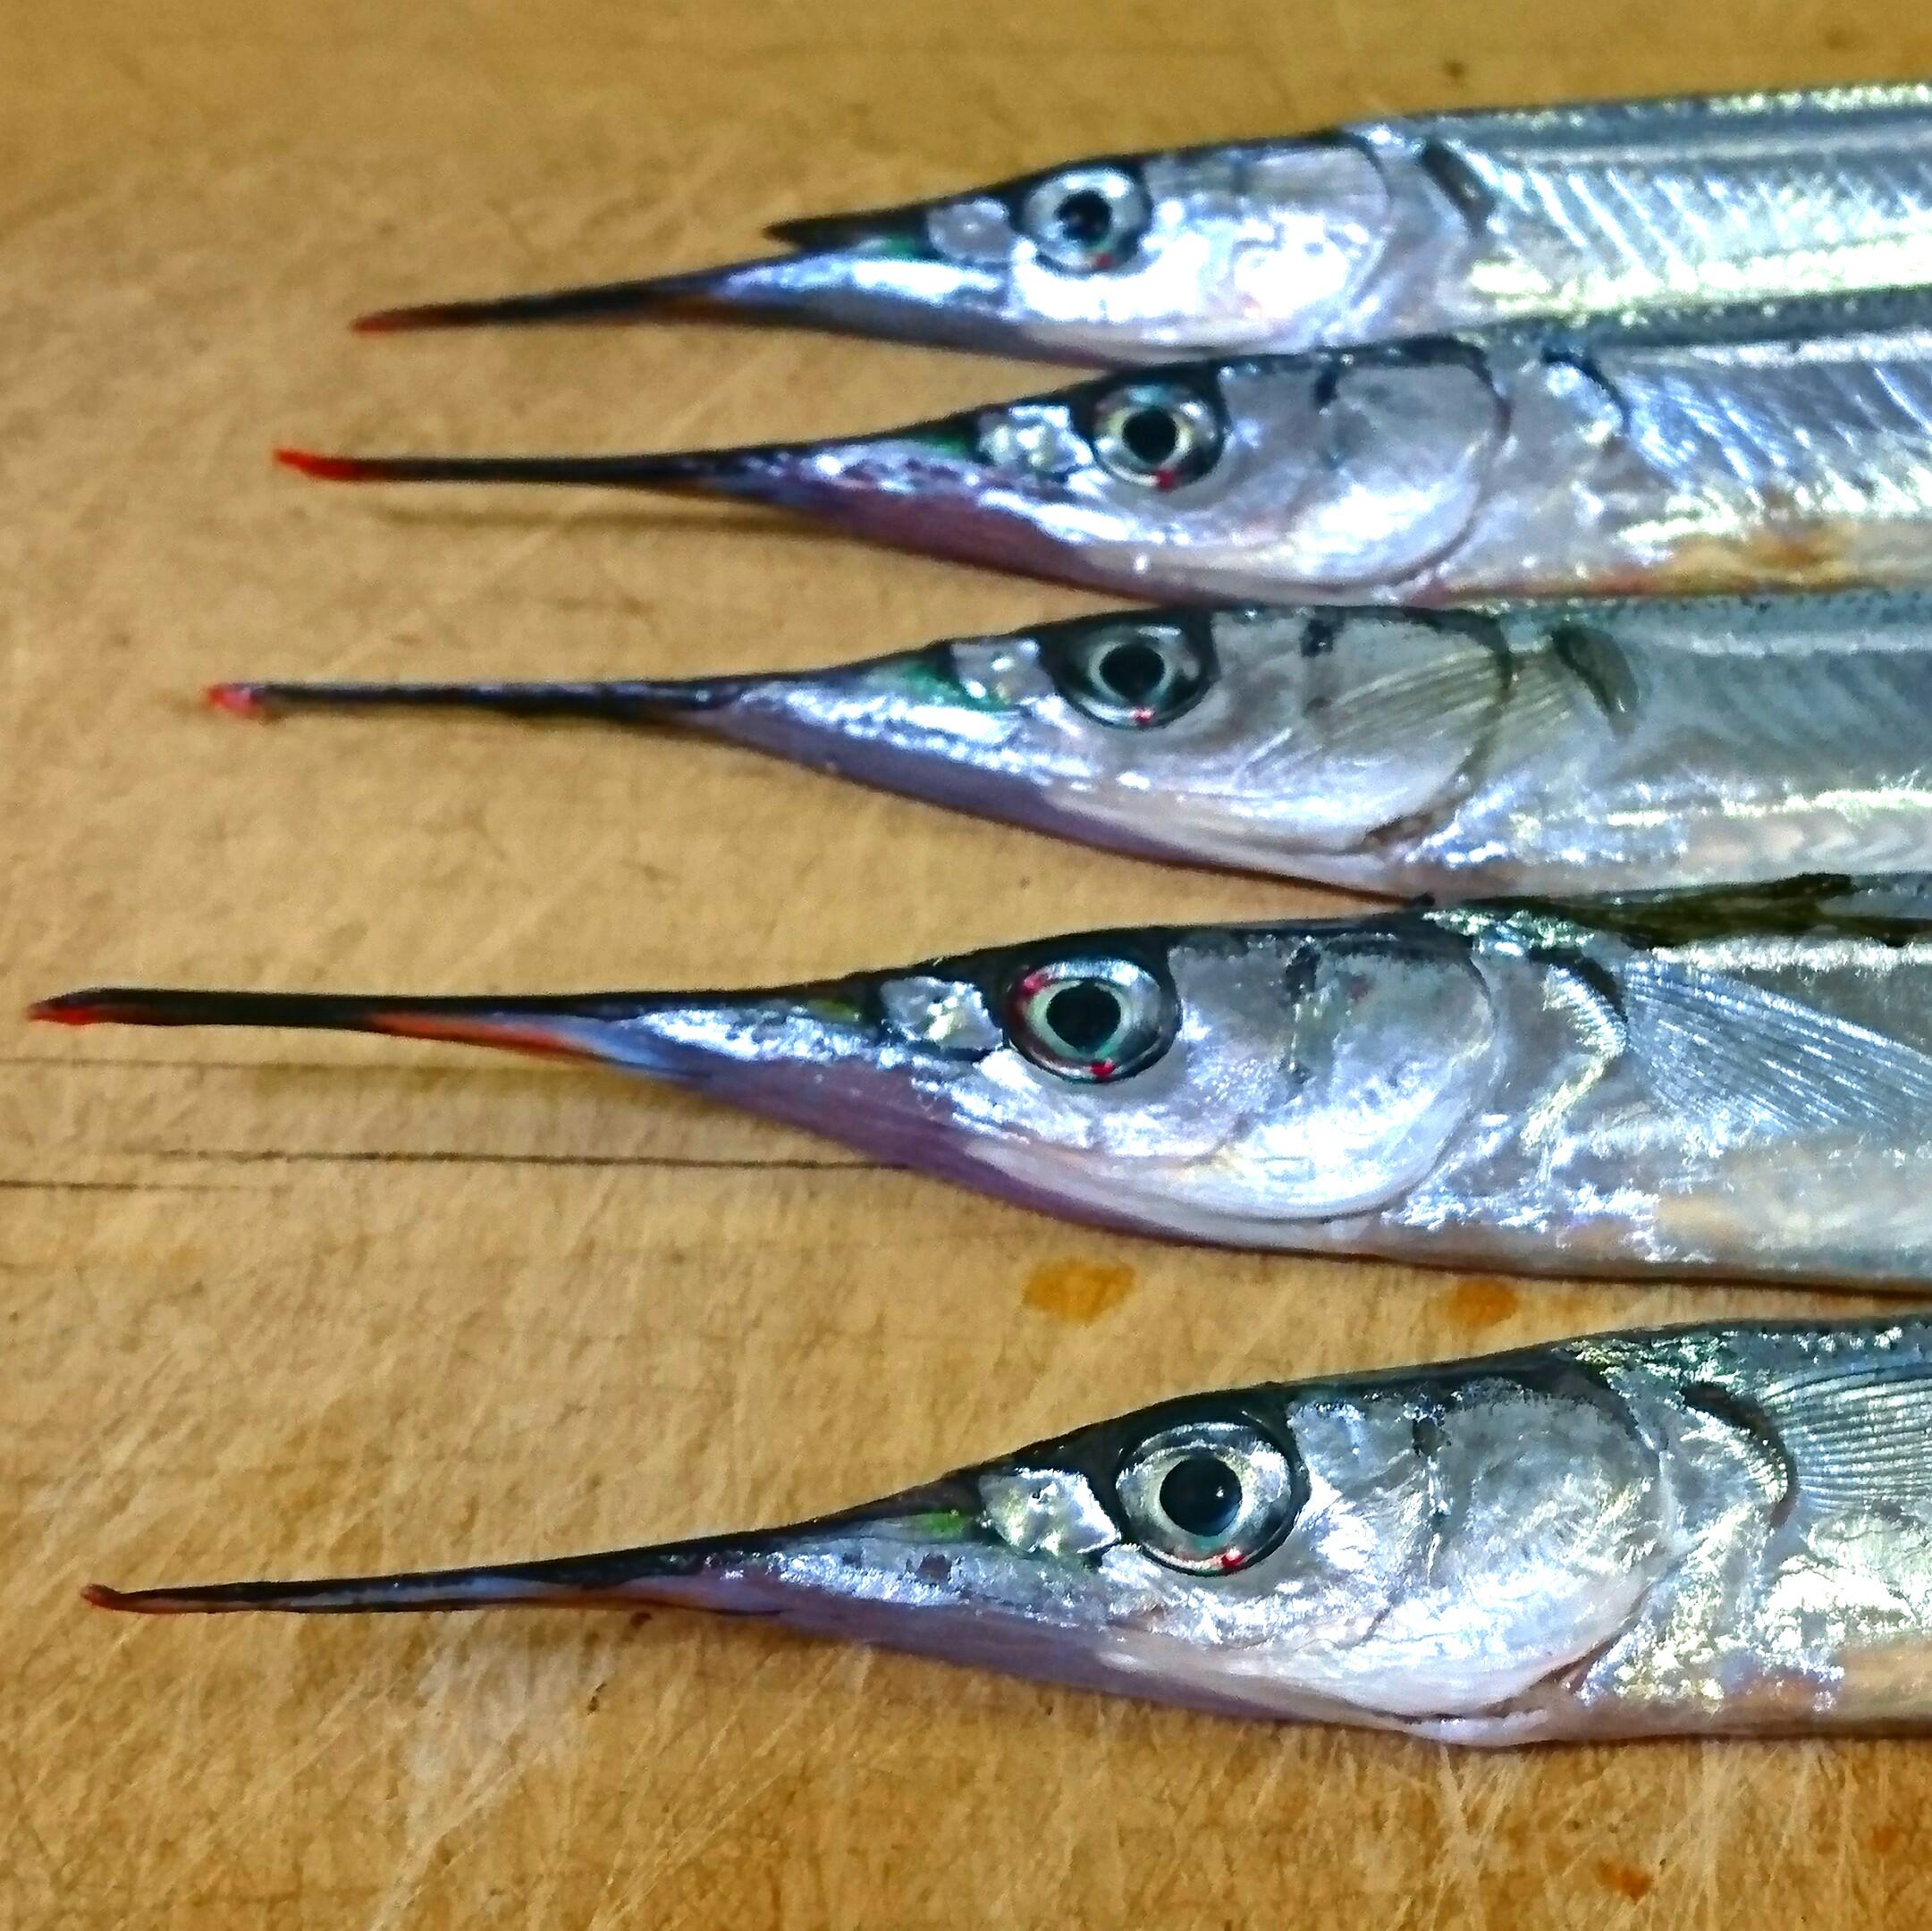 #1 いま刺身で旨い魚「サヨリ」をほめたたえる